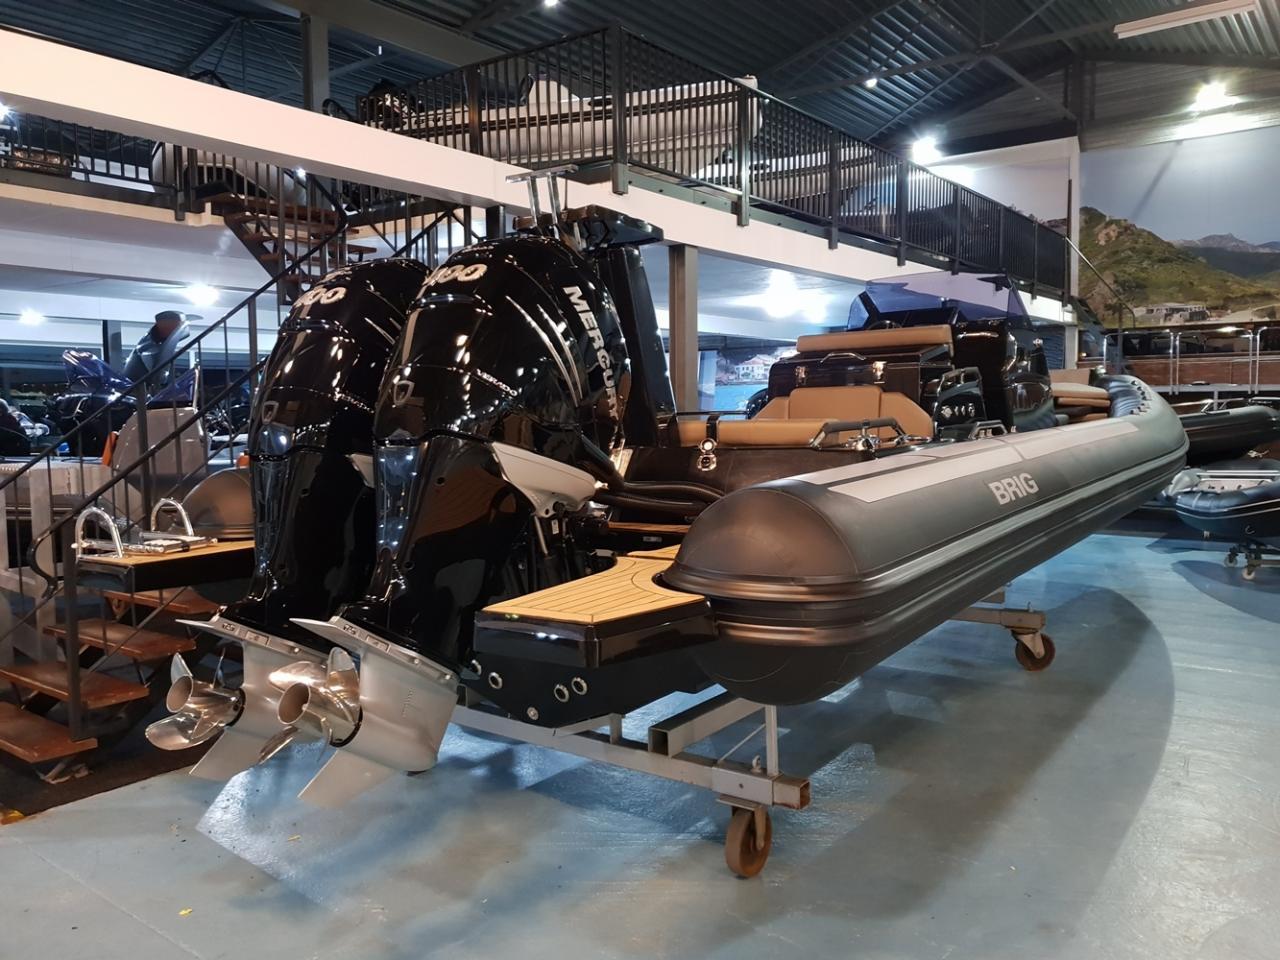 Brig Eagle 10 met 2 x Mercury Verado 400 pk! 3